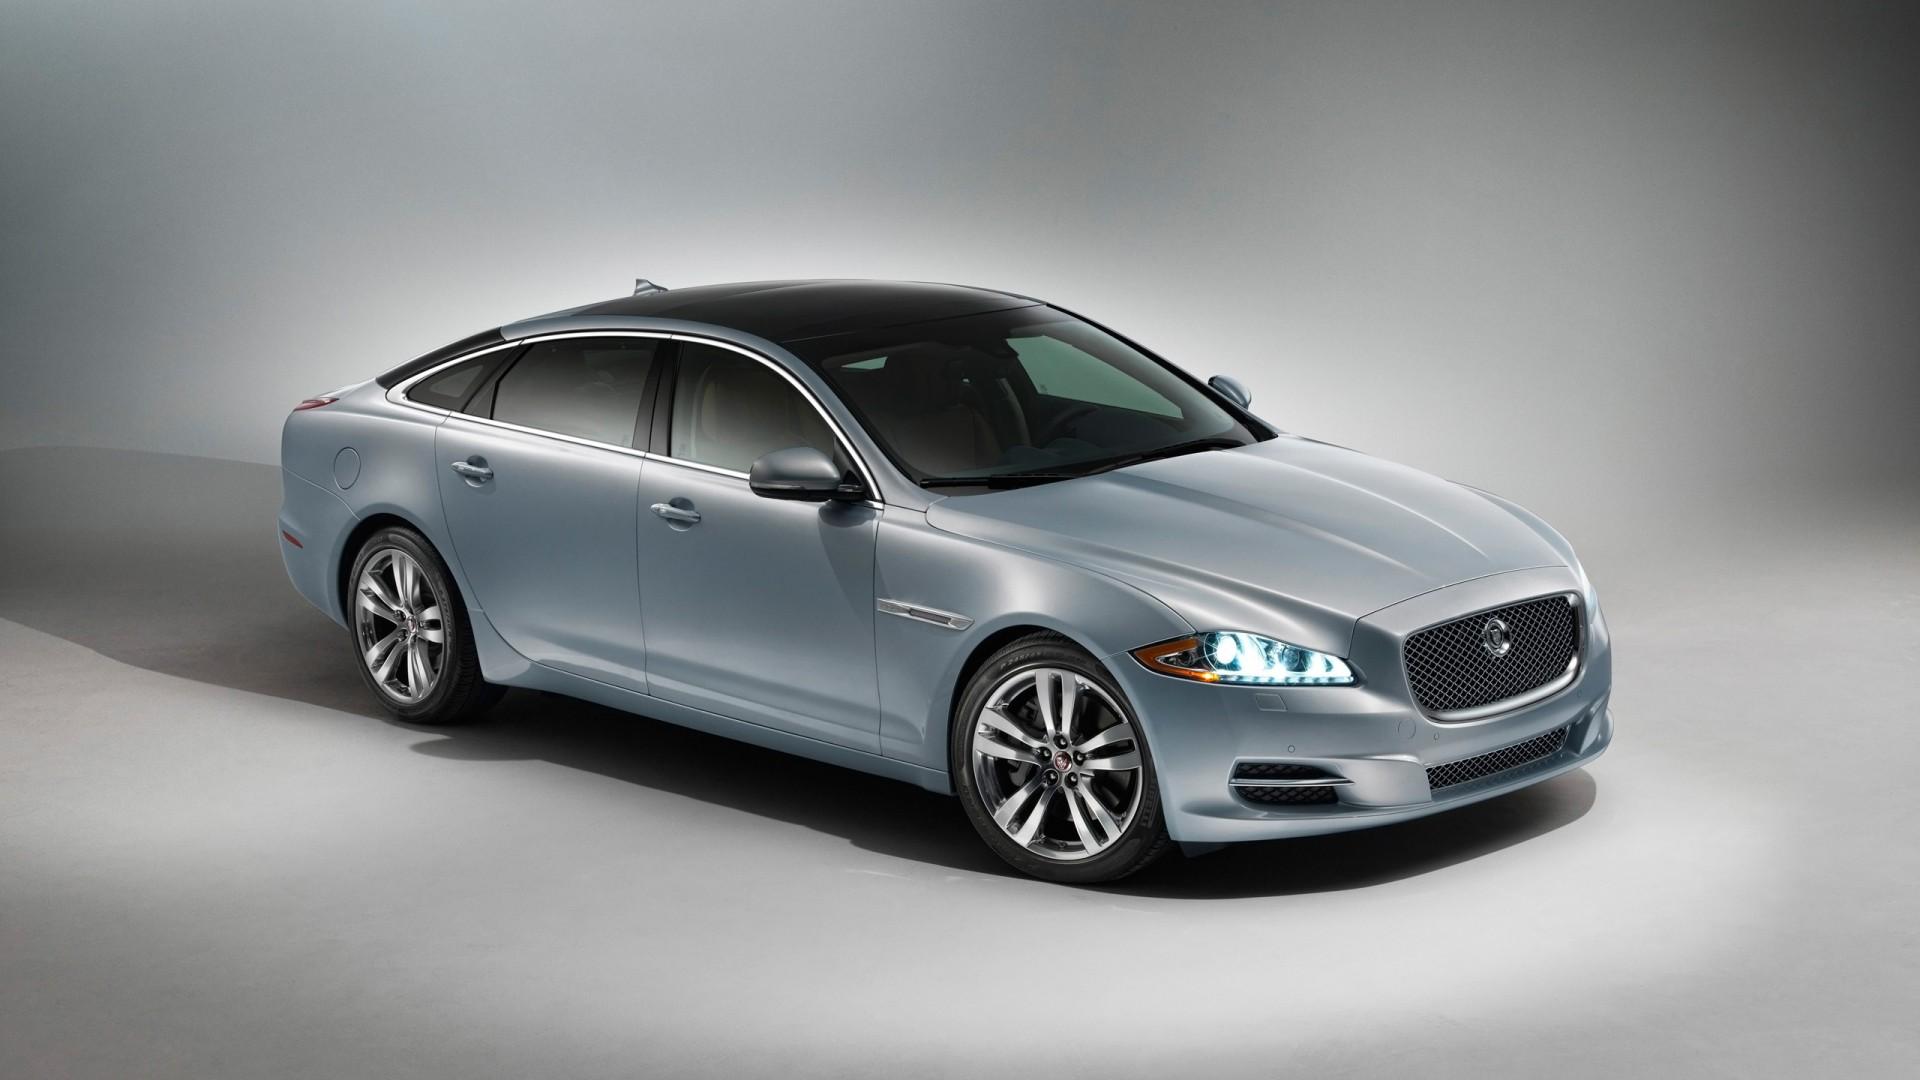 2014 Jaguar XJ Wallpaper | HD Car Wallpapers | ID #4180